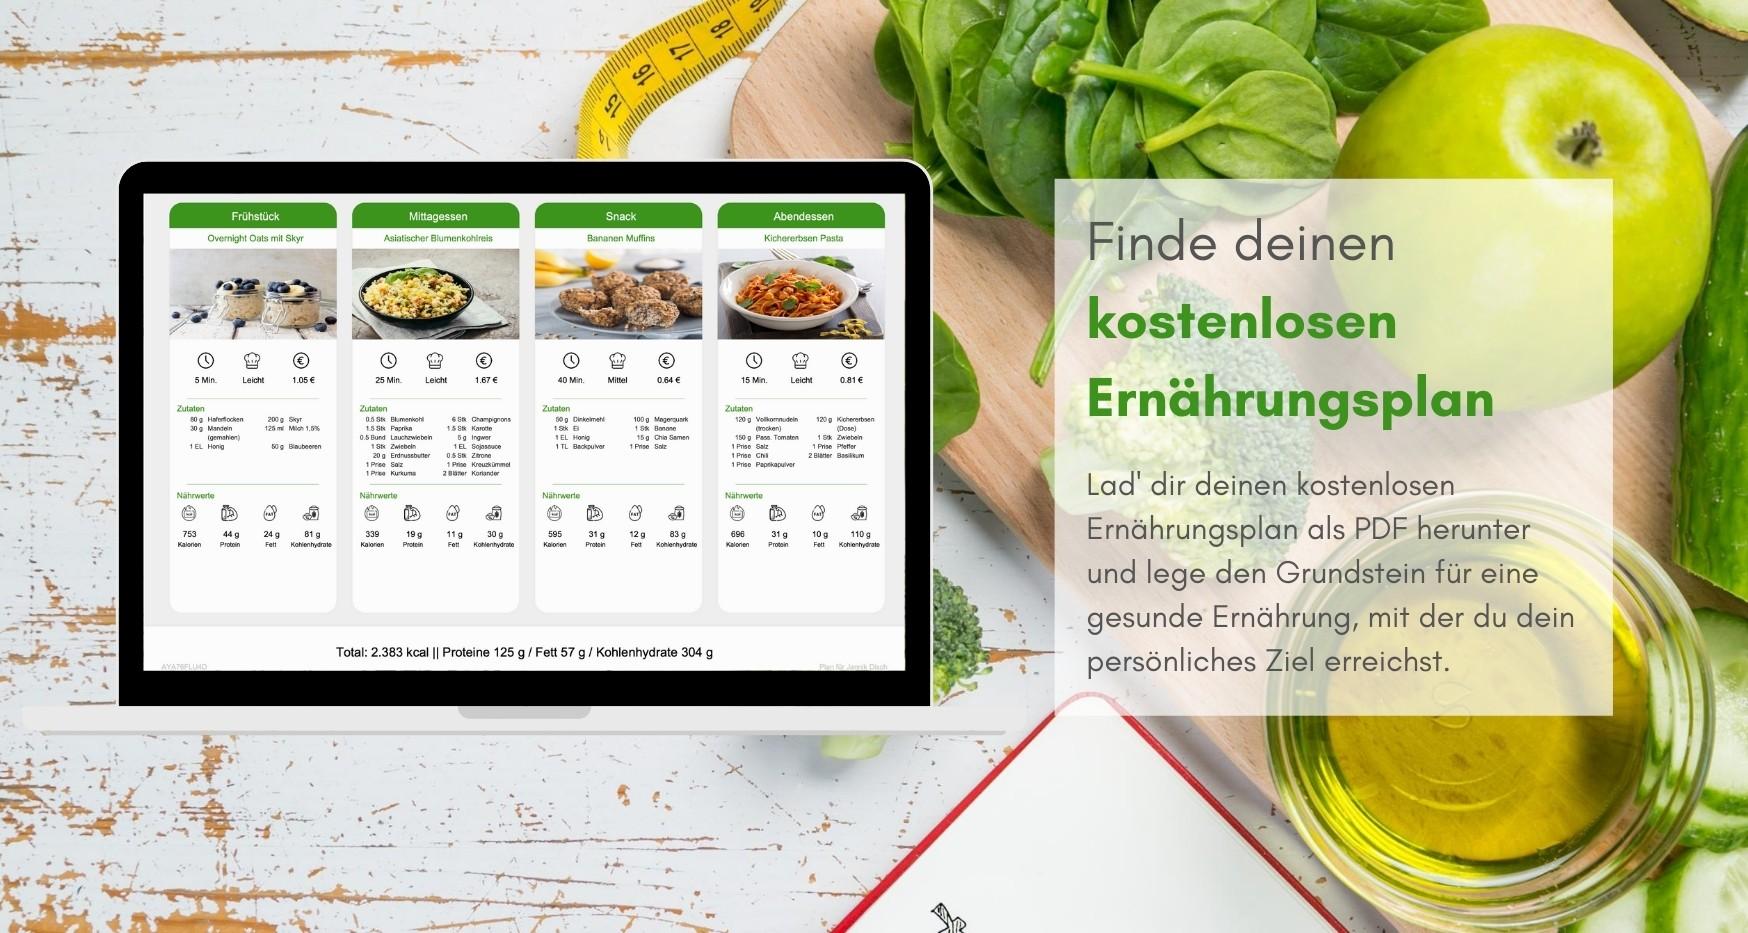 Kostenloser Ernährungsplan zum Abnehmen, für Muskelaufbau, Leistungssteigerung, Gesunde Ernährung, Vegane Ernährung, Vegetarisches Essen, Schnelles Kochen - Natty Gains